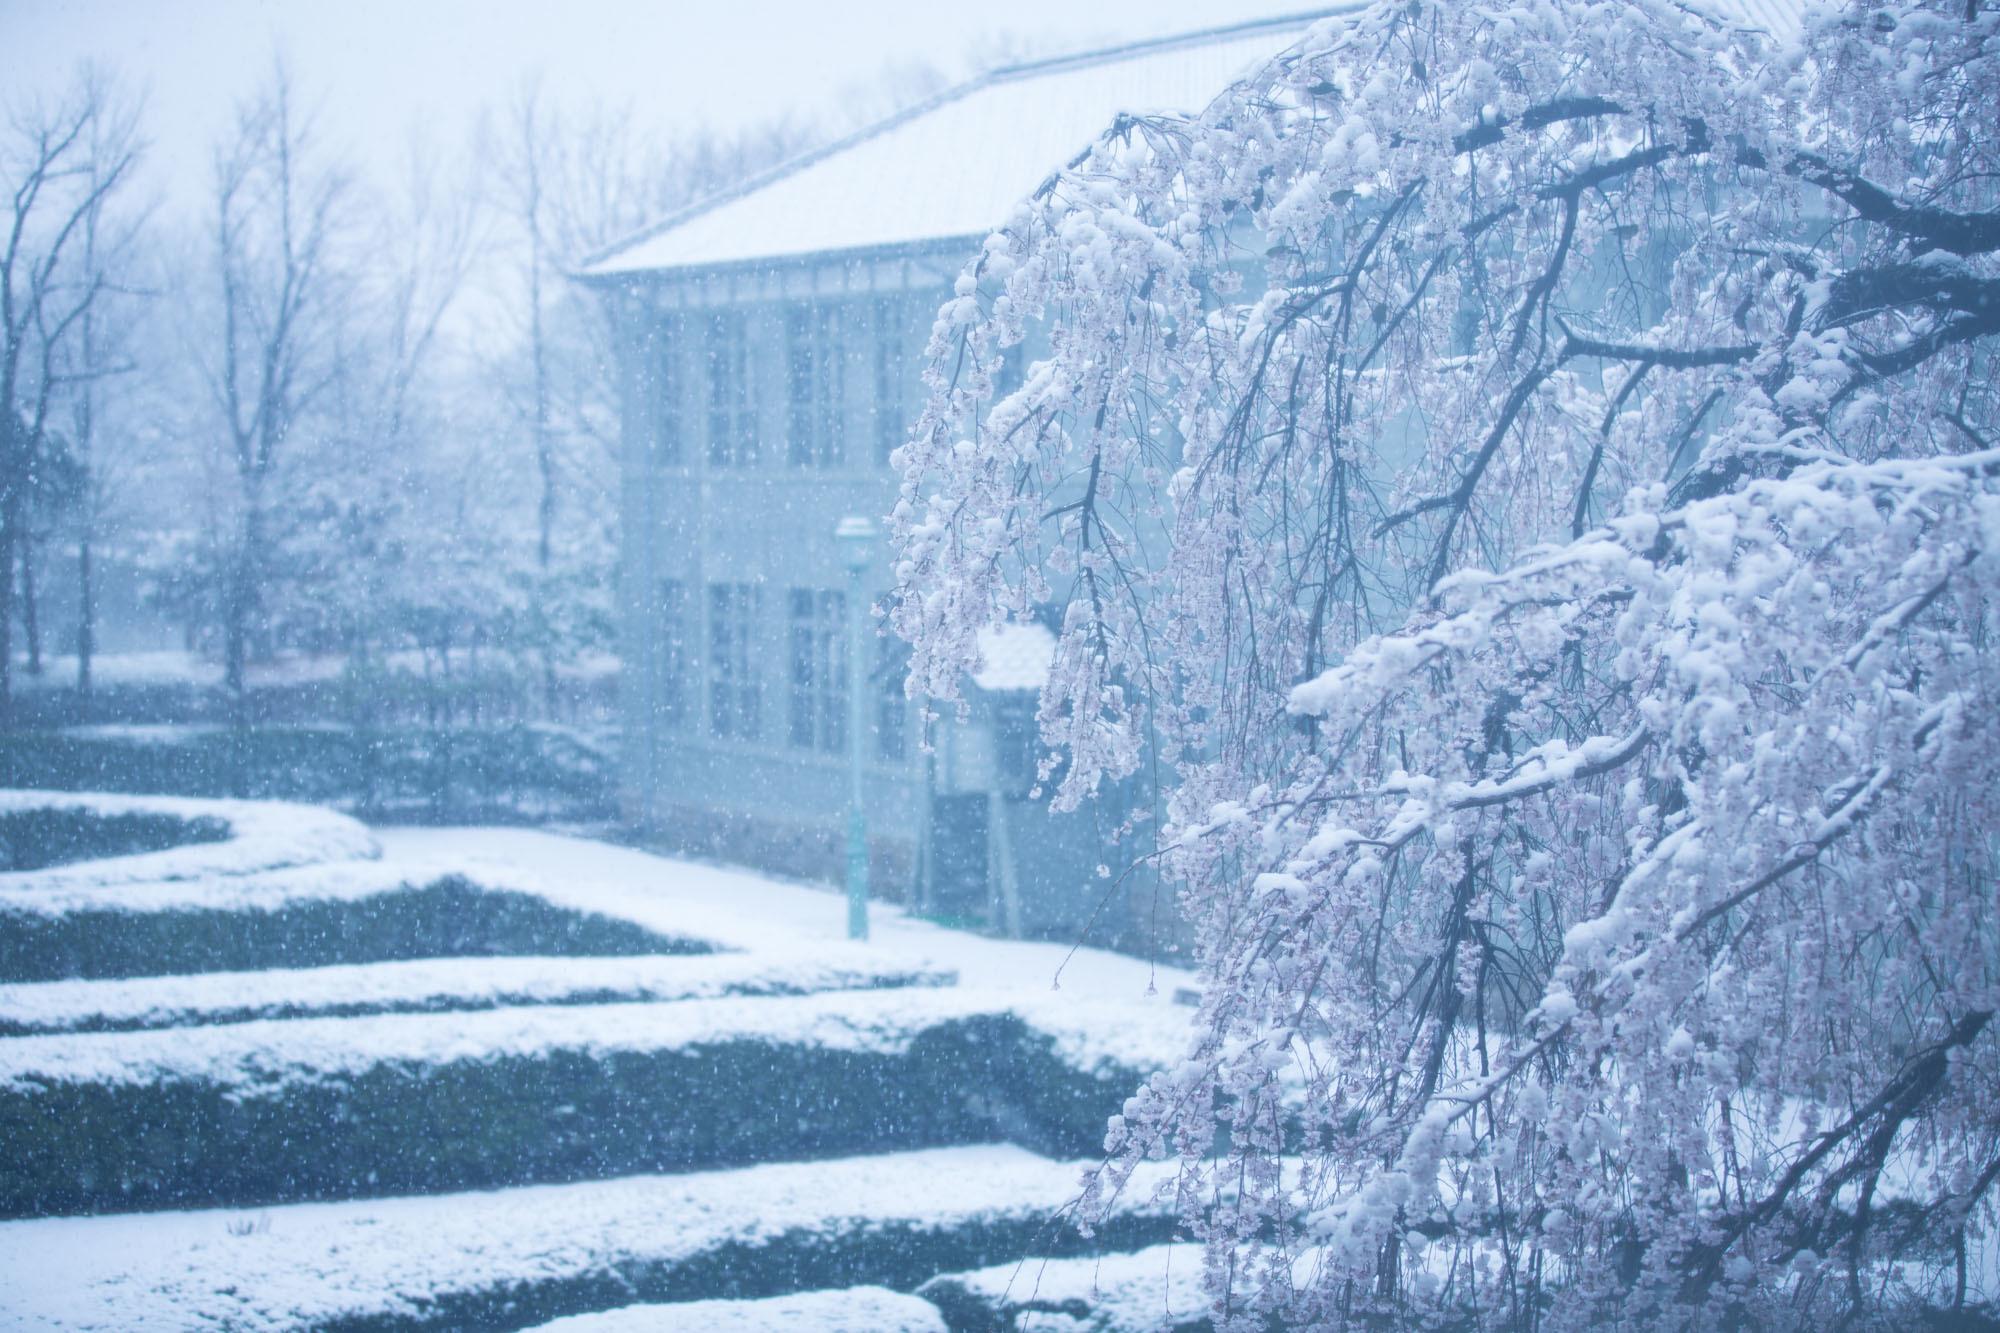 なごり雪の窓辺~あがたの森の枝垂桜~_d0349418_20484747.jpg